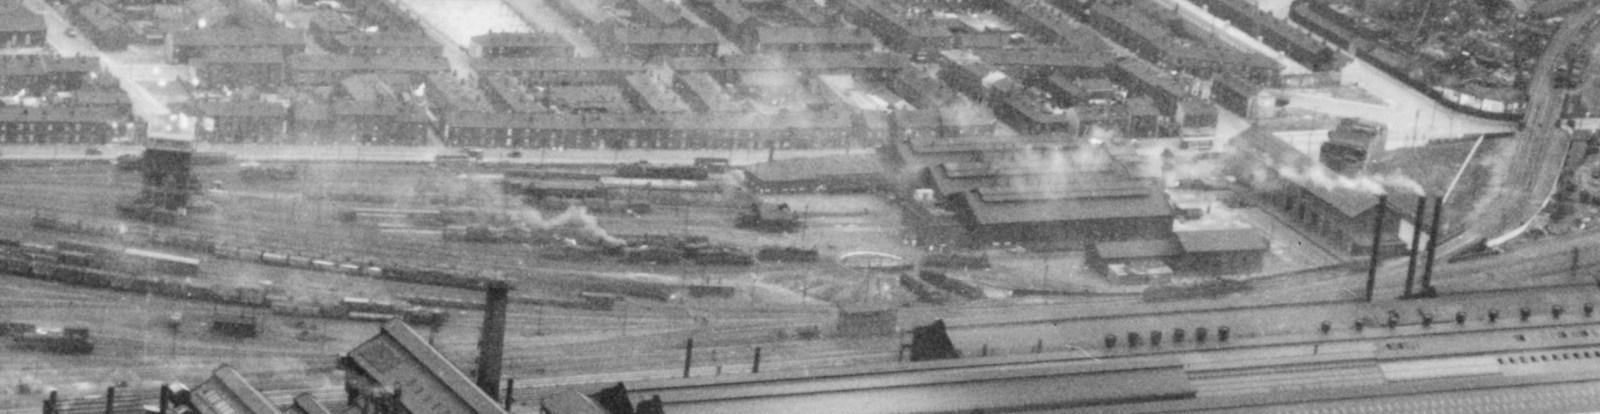 (1948) Grimesthorpe shed.jpg